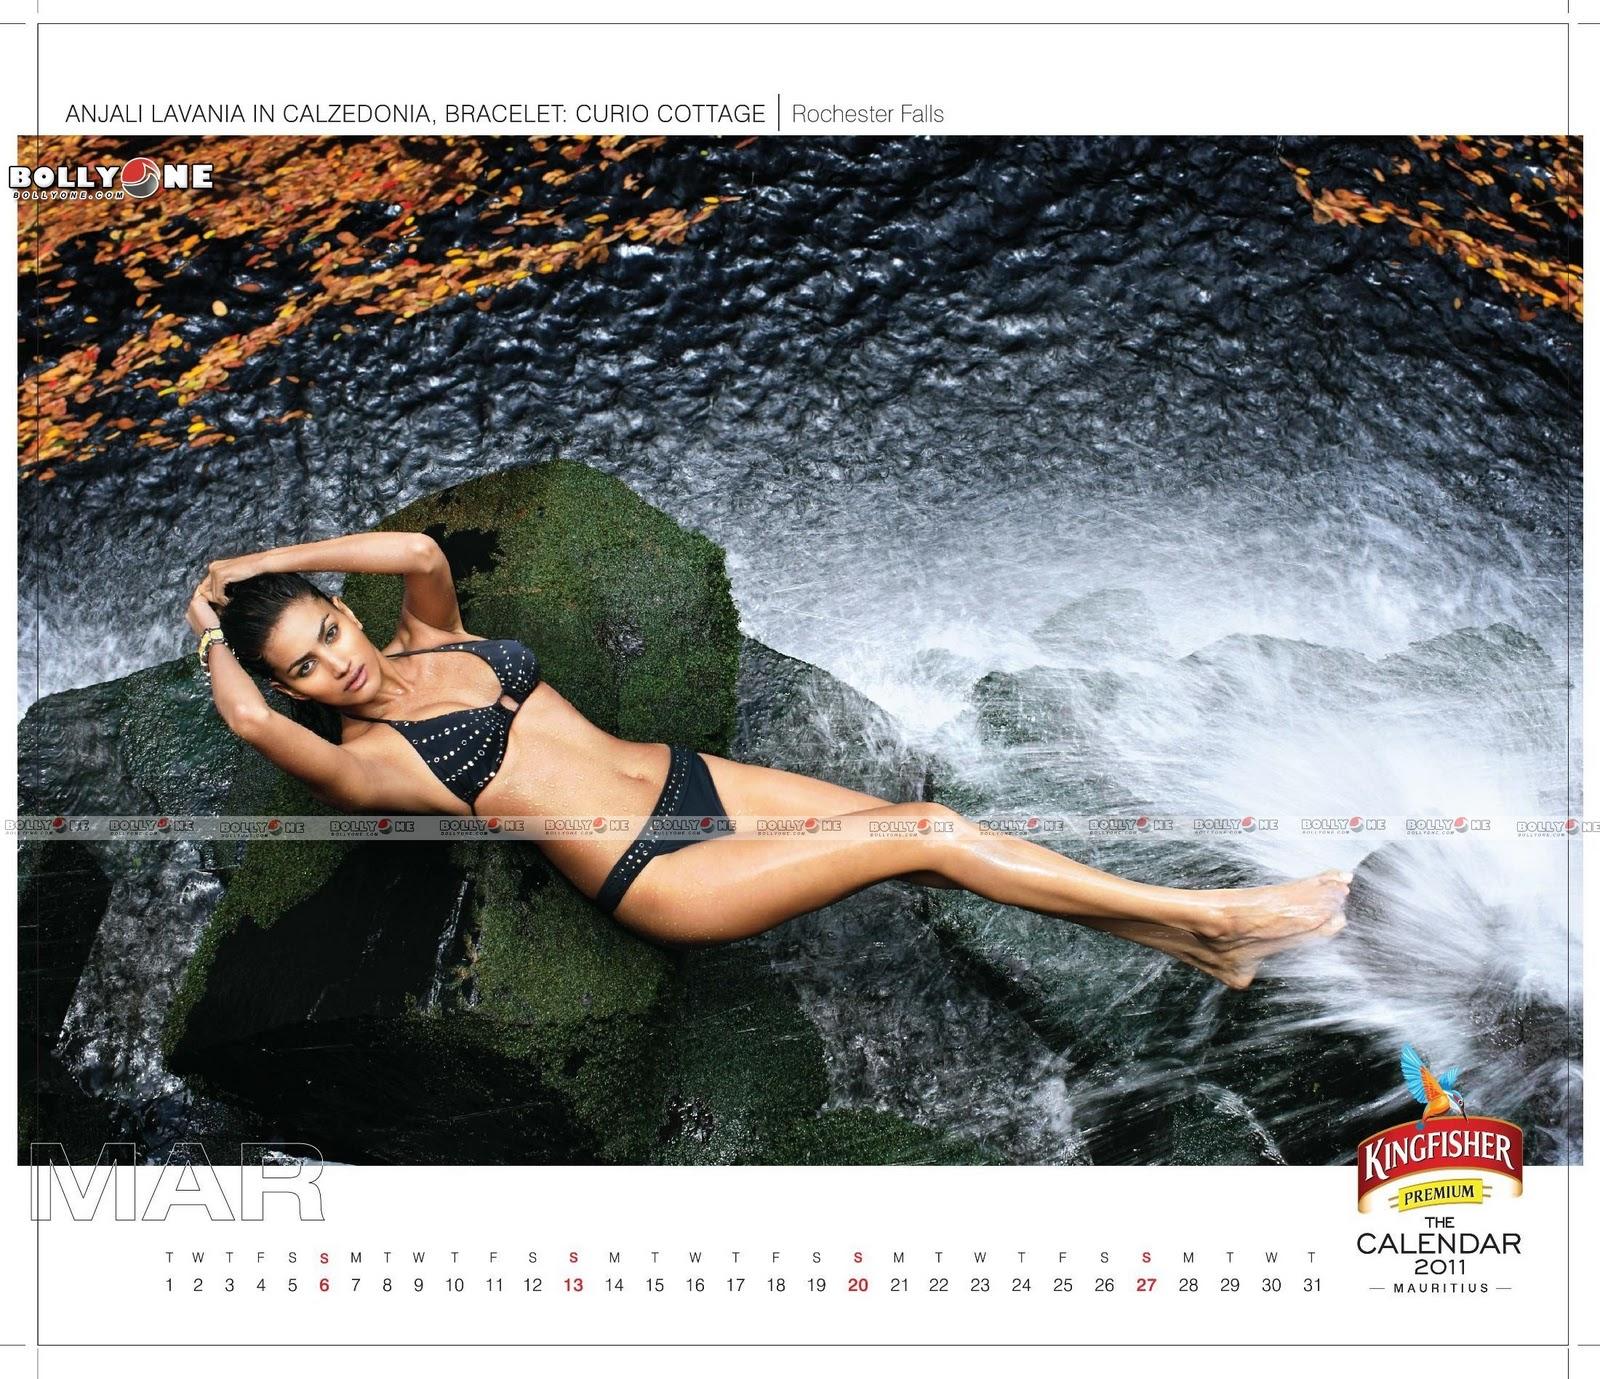 http://1.bp.blogspot.com/_Hja_p-dvKZM/TRDpZVMiCgI/AAAAAAAAA10/7eZRnHvVV98/s1600/Kingfisher-calendar-2011-bollyone-com-11.jpg